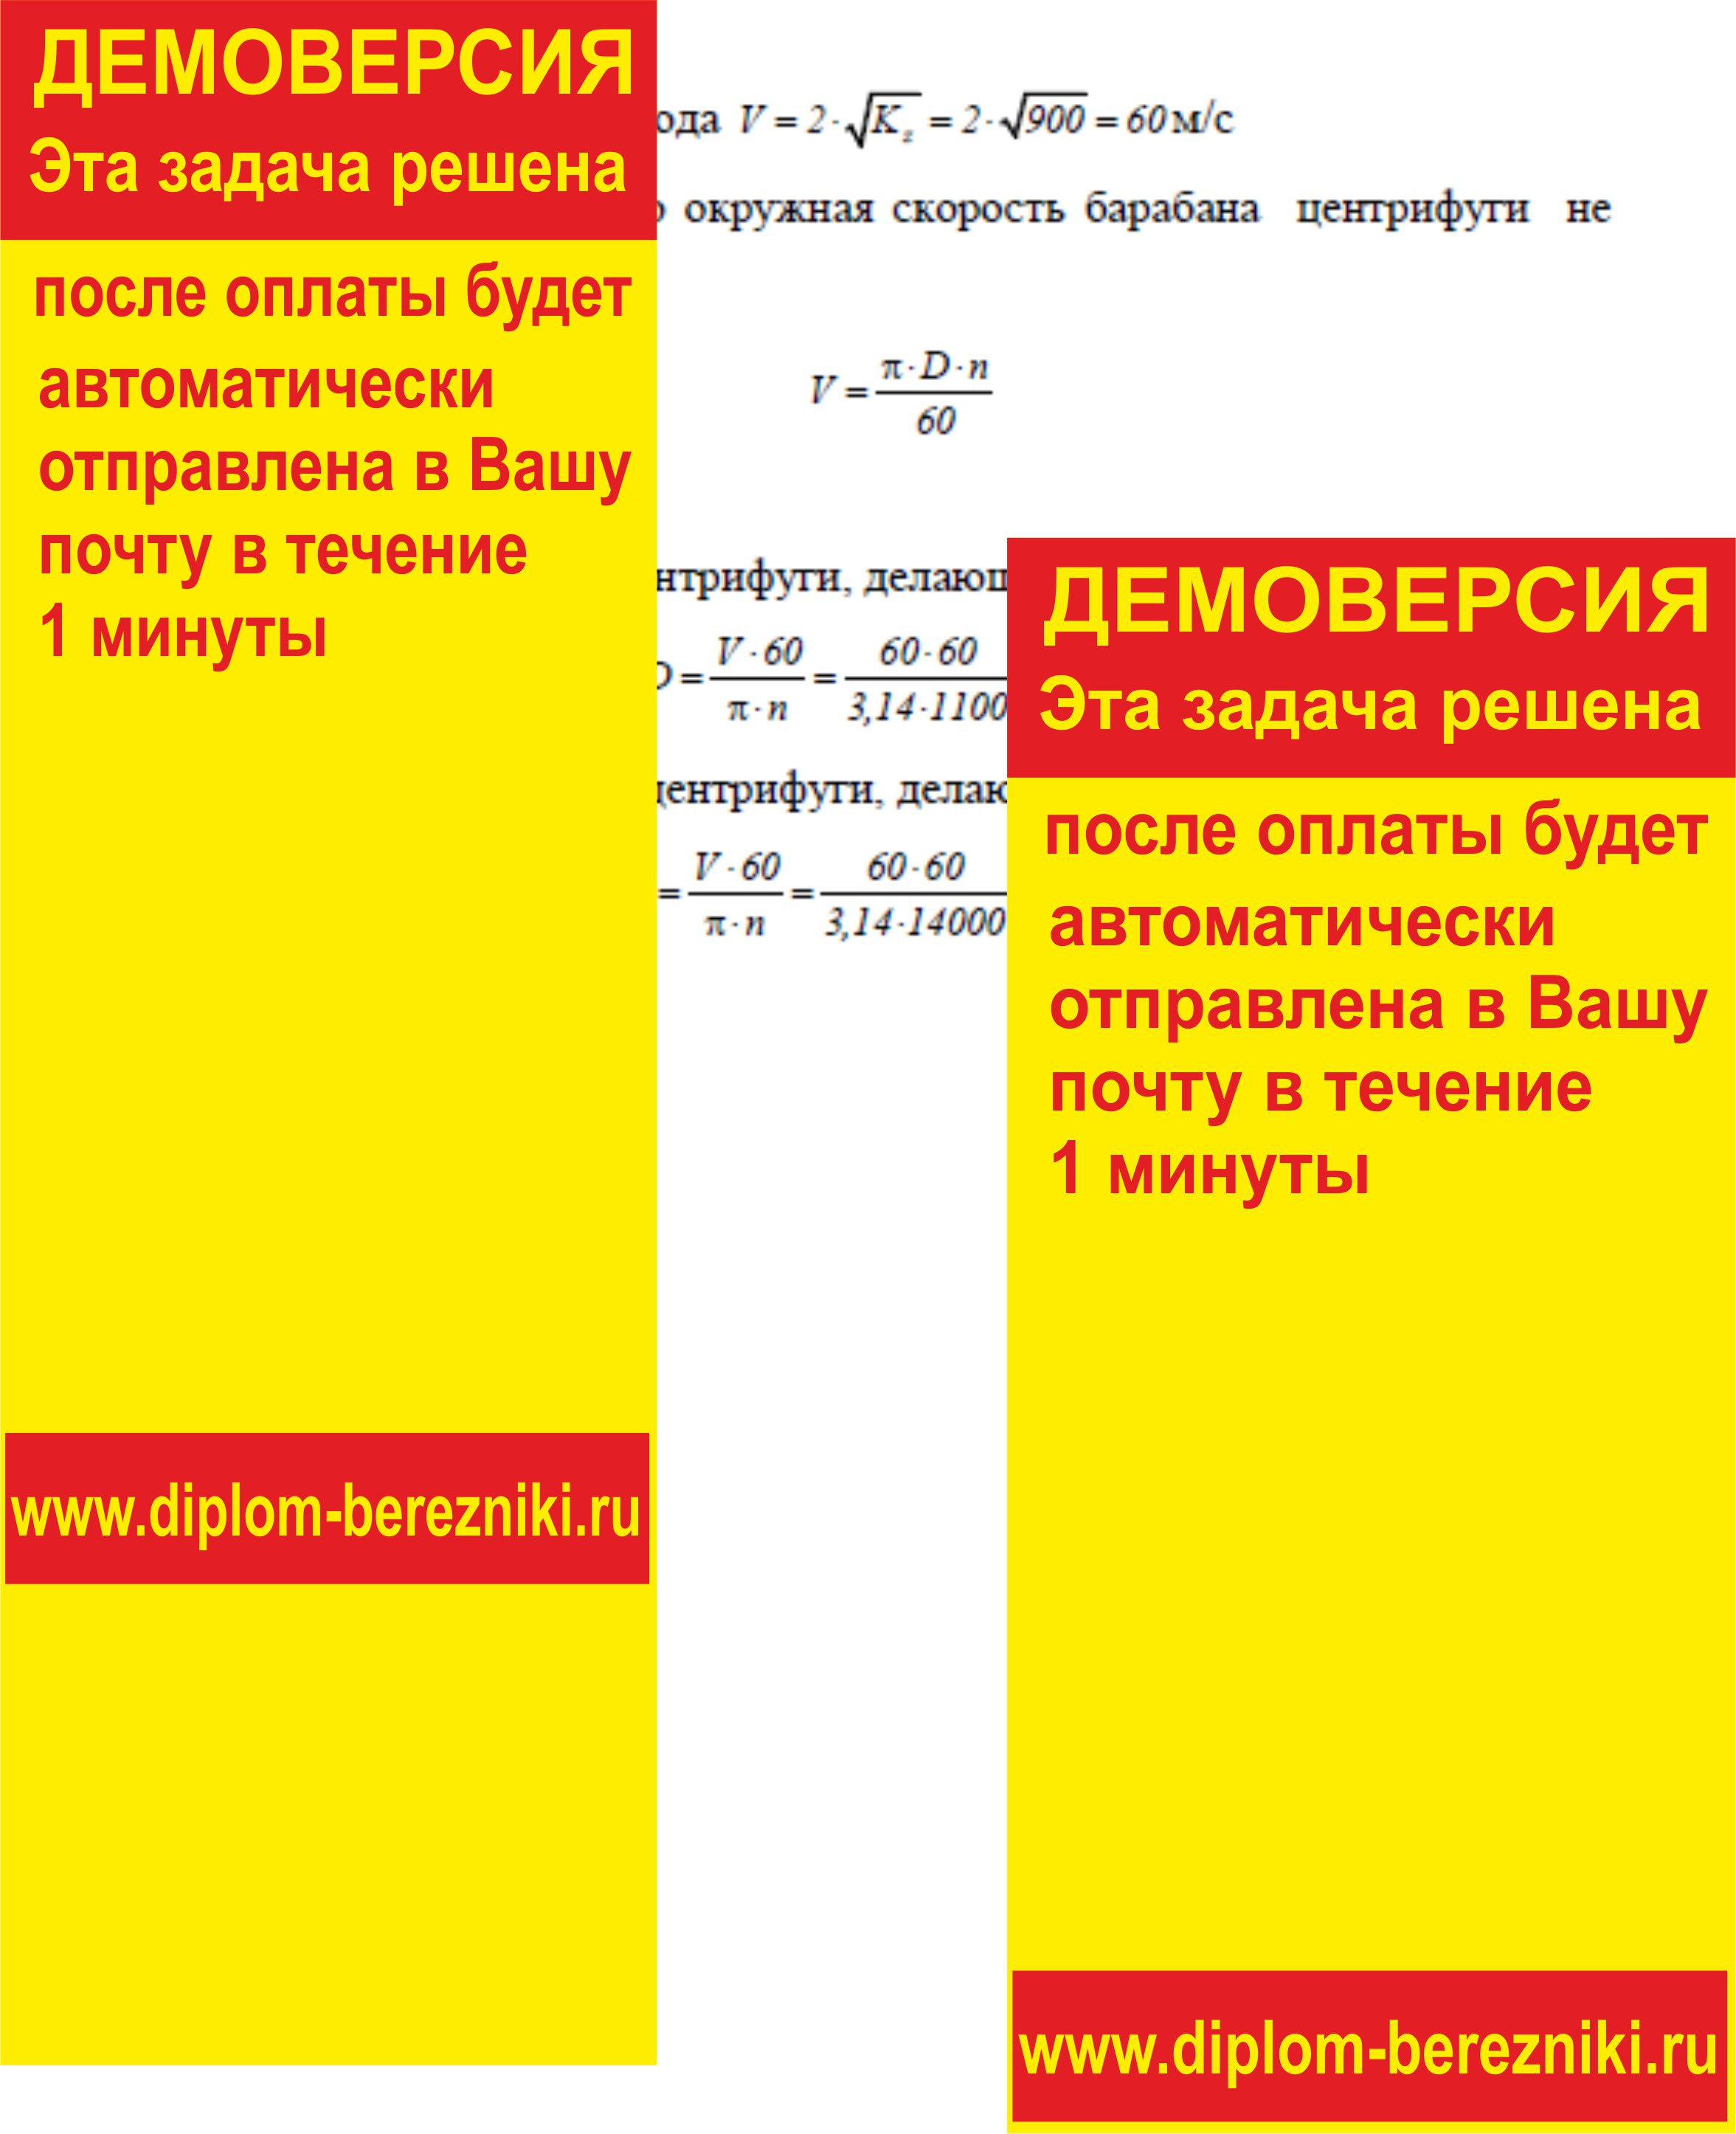 Решение задачи 3.28 по ПАХТ из задачника Павлова Романкова Носкова